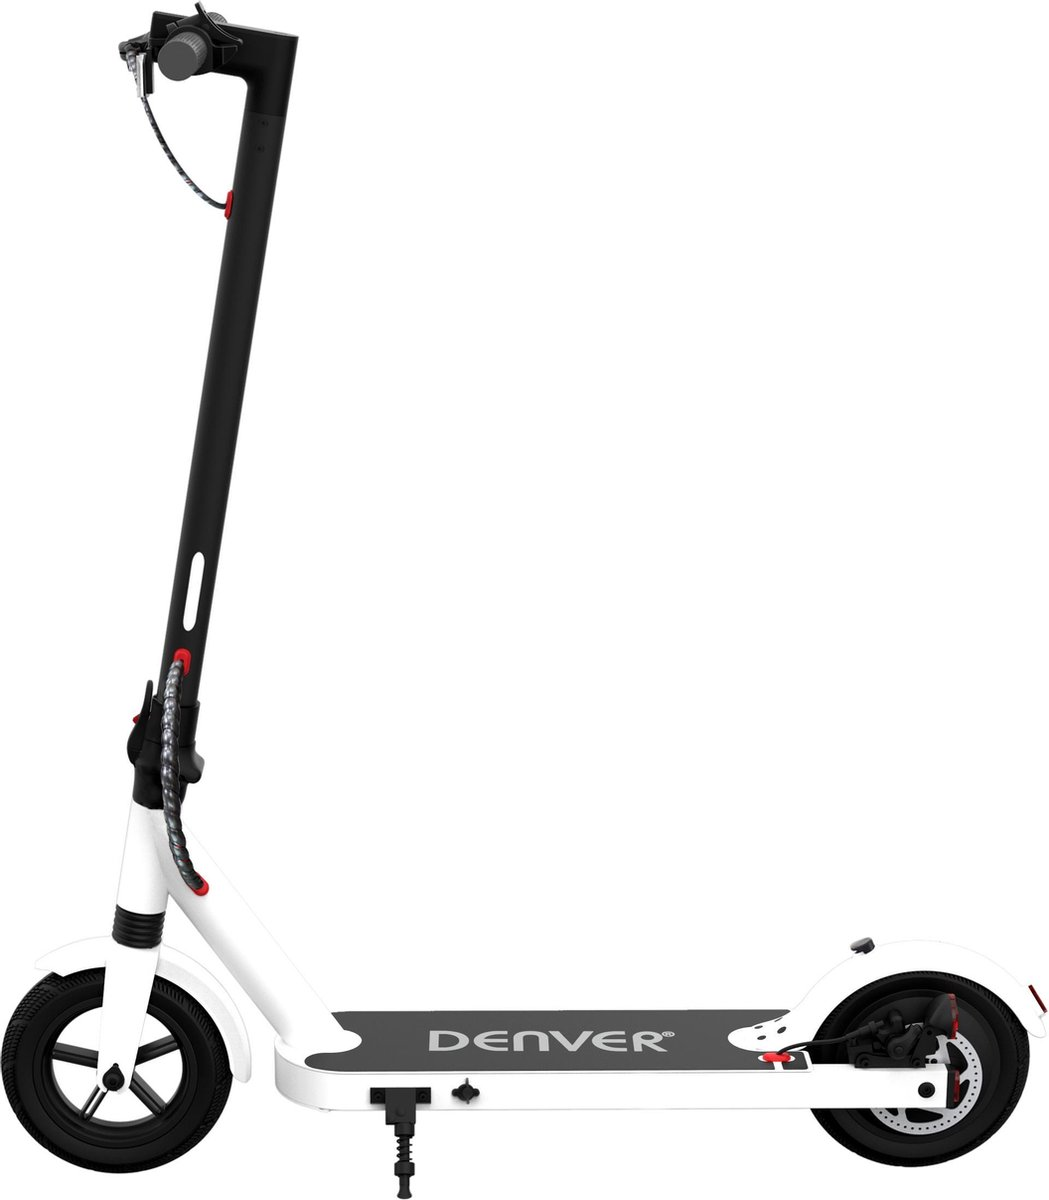 """Denver SEL-85350F Elektrische step voor kinderen & volwassenen 8.5"""""""" Wielen 25 km/u E-Step met aluminium frame actieradius 18KM Inklapbaar Met LED verlichting voor & achter E-Scooter Wit online kopen"""